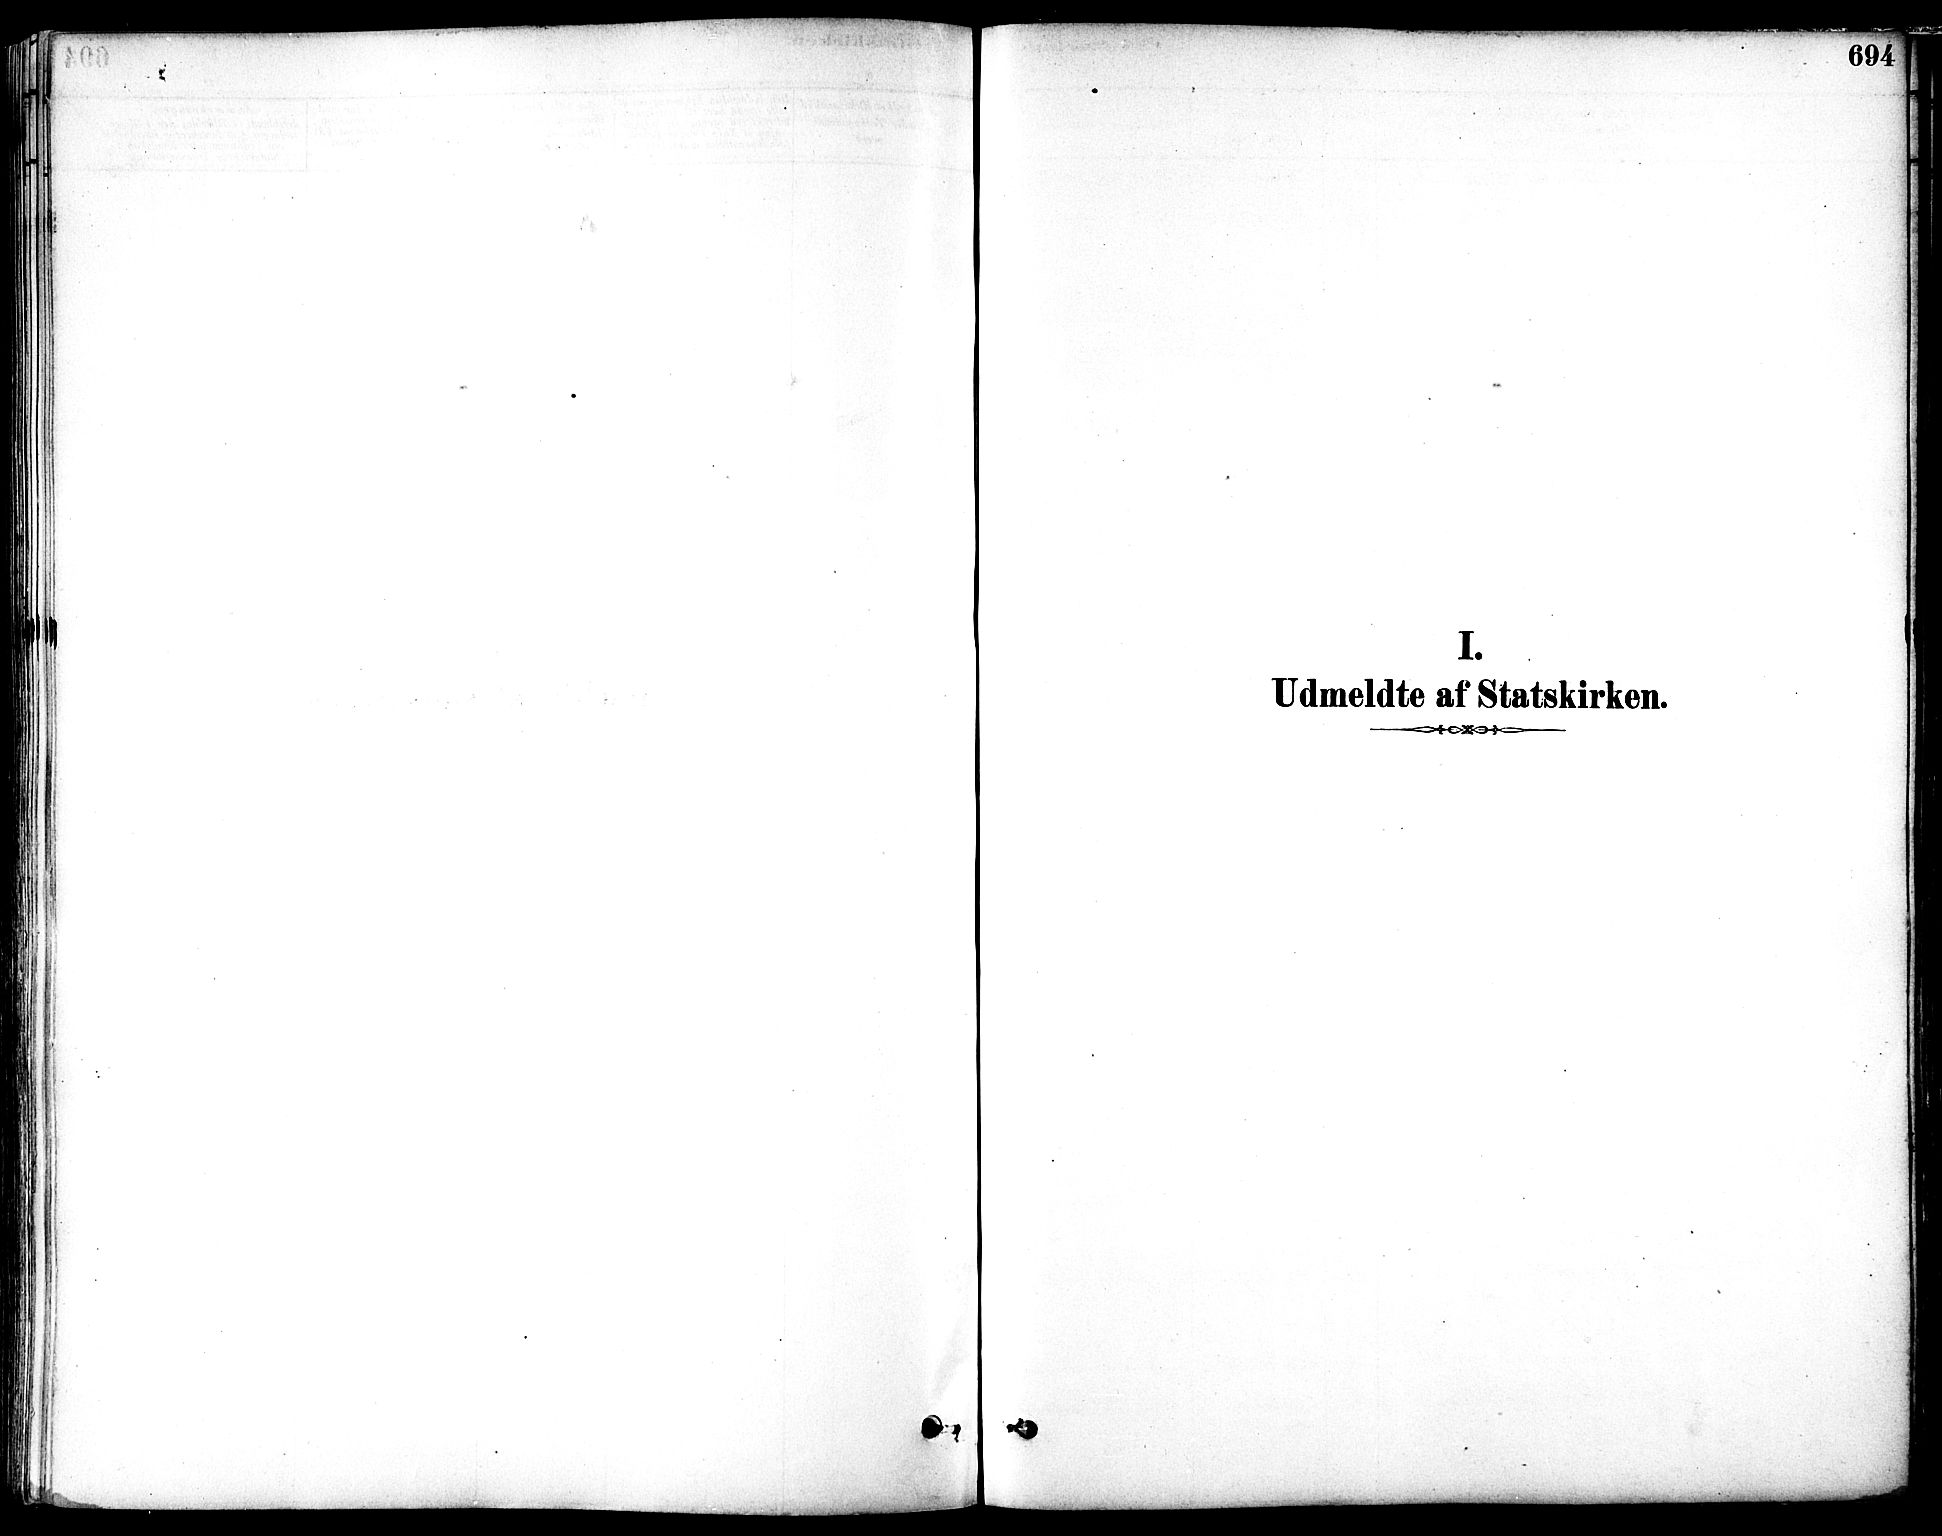 SAT, Ministerialprotokoller, klokkerbøker og fødselsregistre - Sør-Trøndelag, 601/L0058: Ministerialbok nr. 601A26, 1877-1891, s. 694